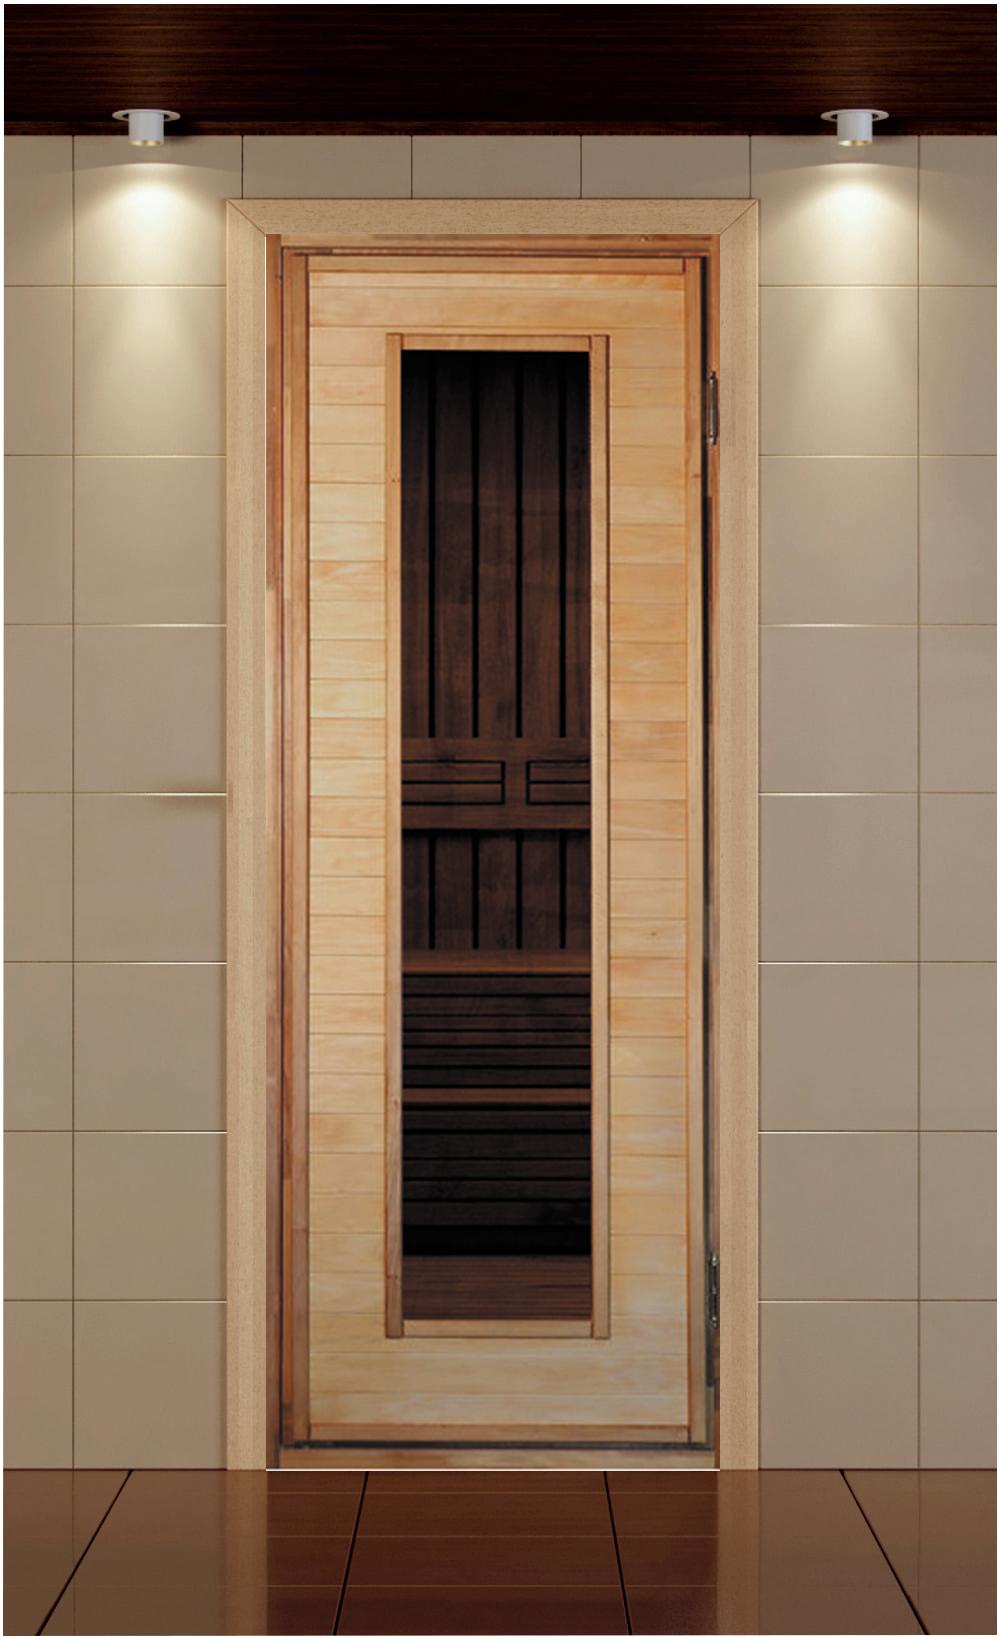 Дверь со стеклом С-3. Материал Липа    Коробка Липа. Петли 2шт    Размеры дверного блока 700-1800, 700-1900,    700-2000, 800-1900, 800-2000    Цена 4900 руб